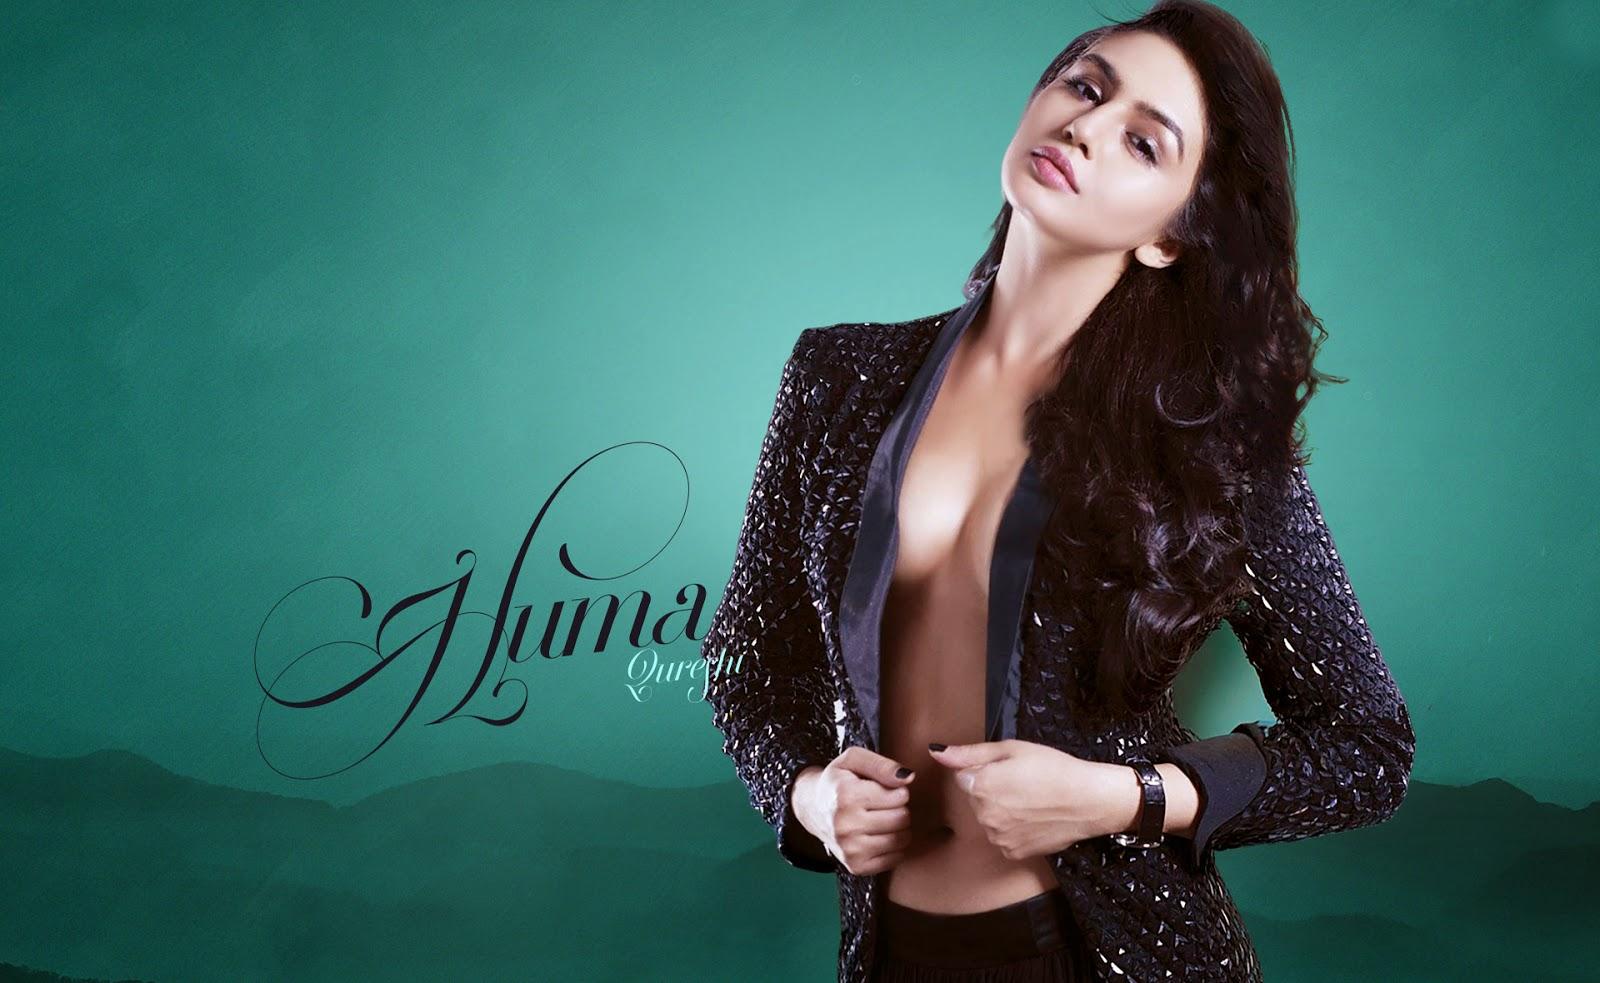 Sexy and Hot bollywood actress huma qureshi wallpaper